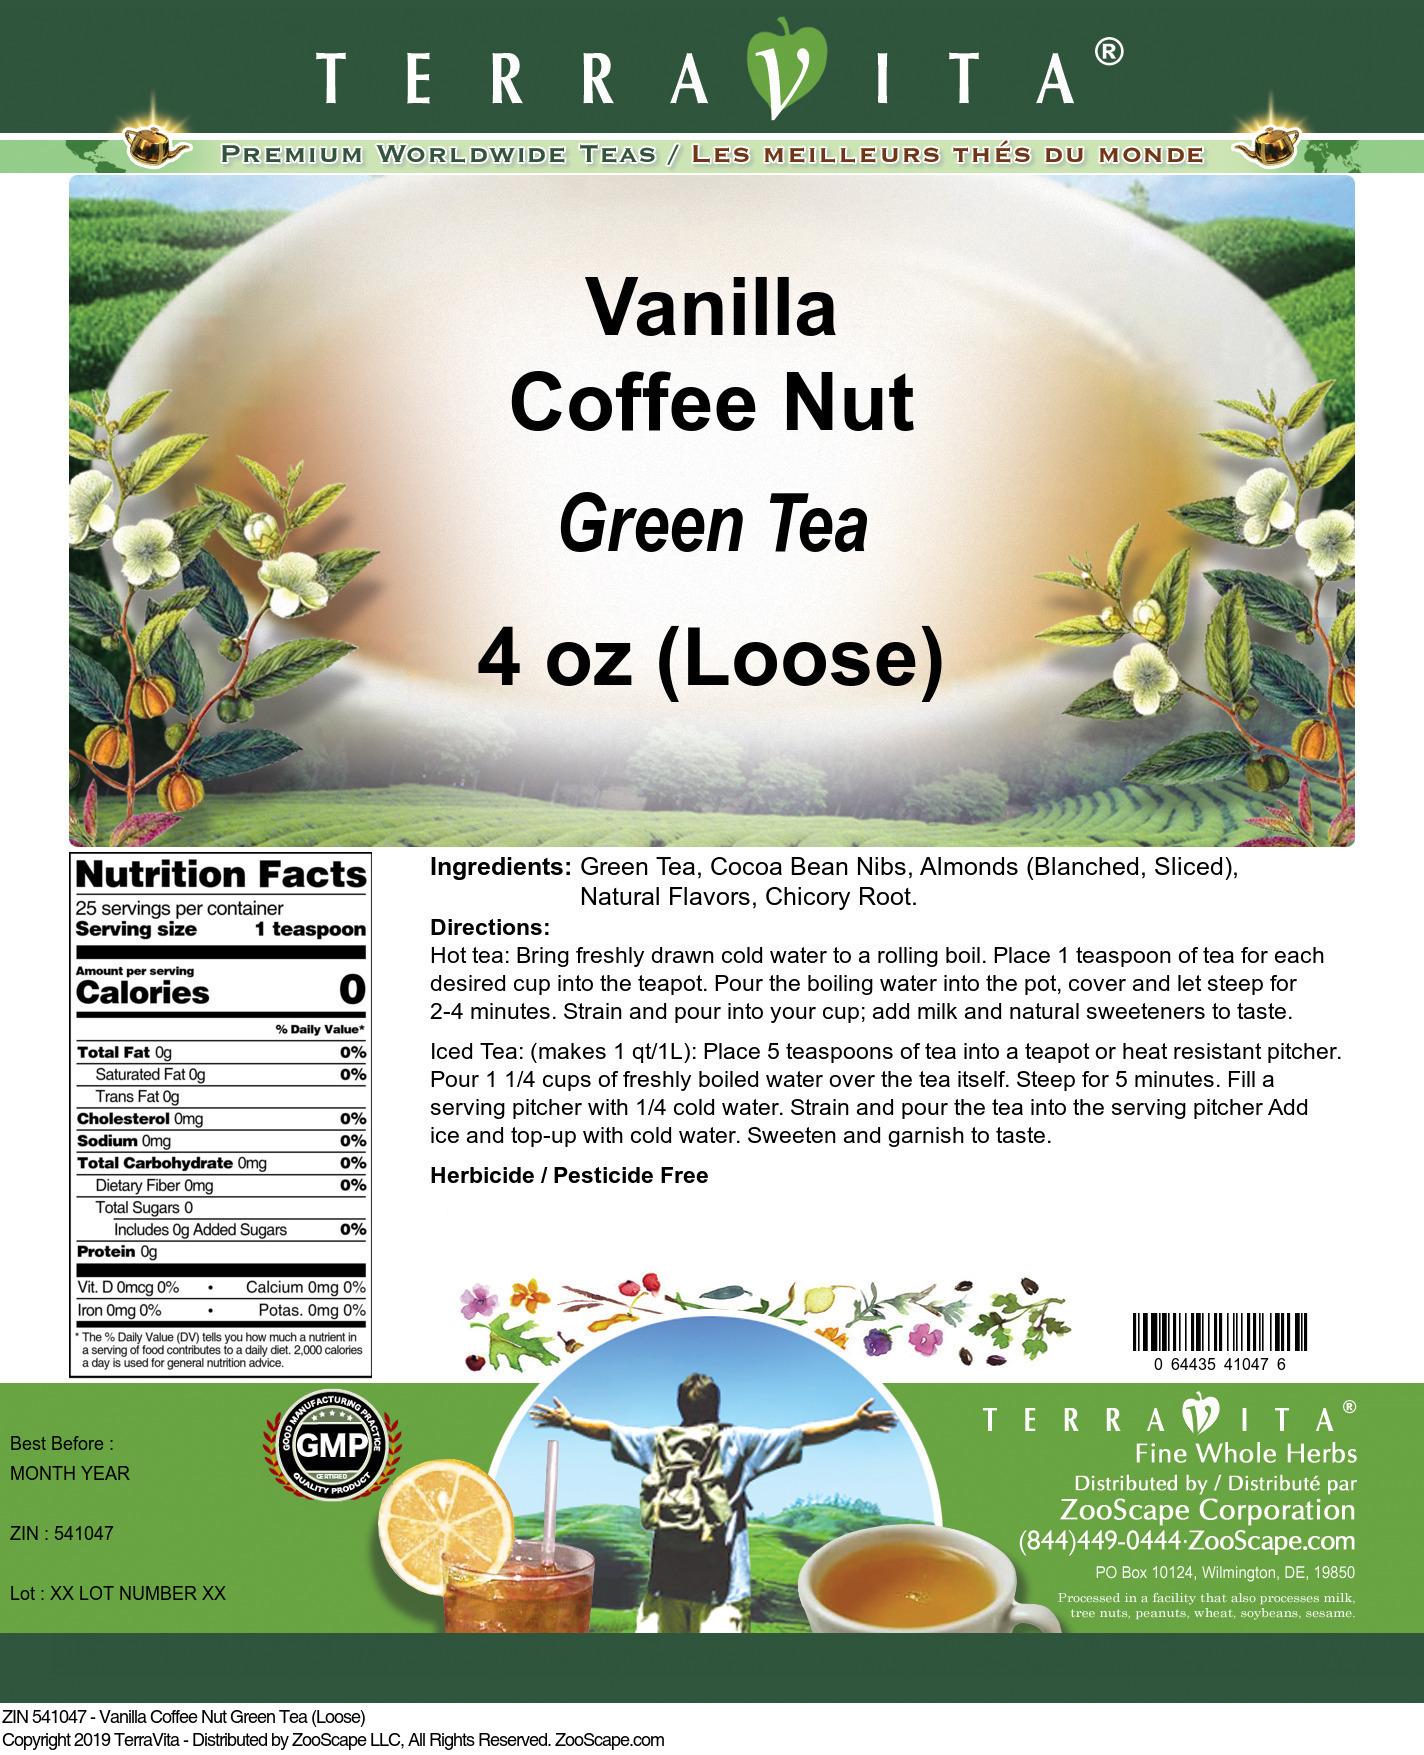 Vanilla Coffee Nut Green Tea